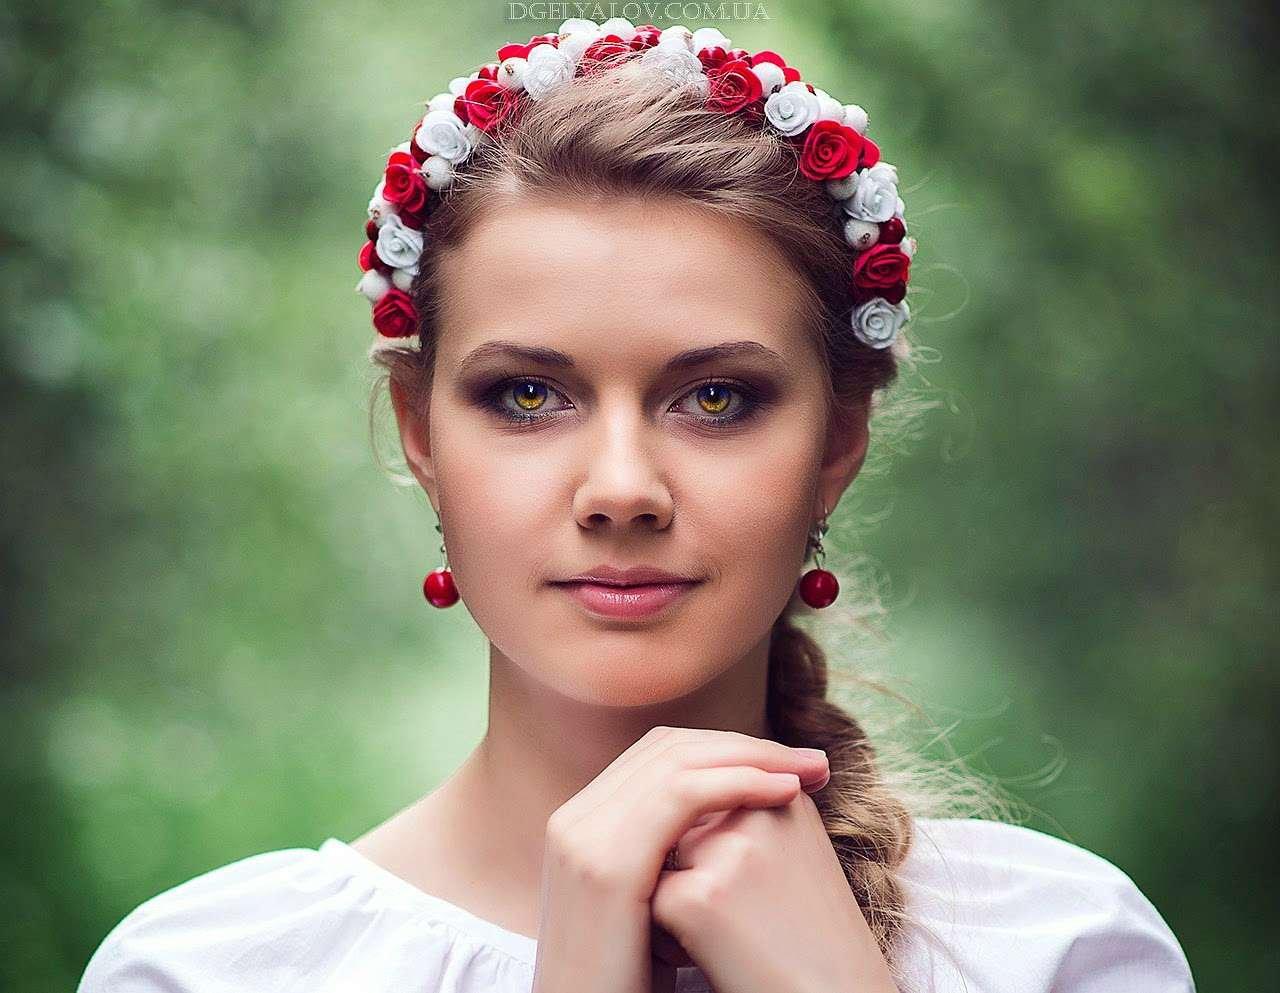 образуется сильный полные украинки фото хорошие отзывы